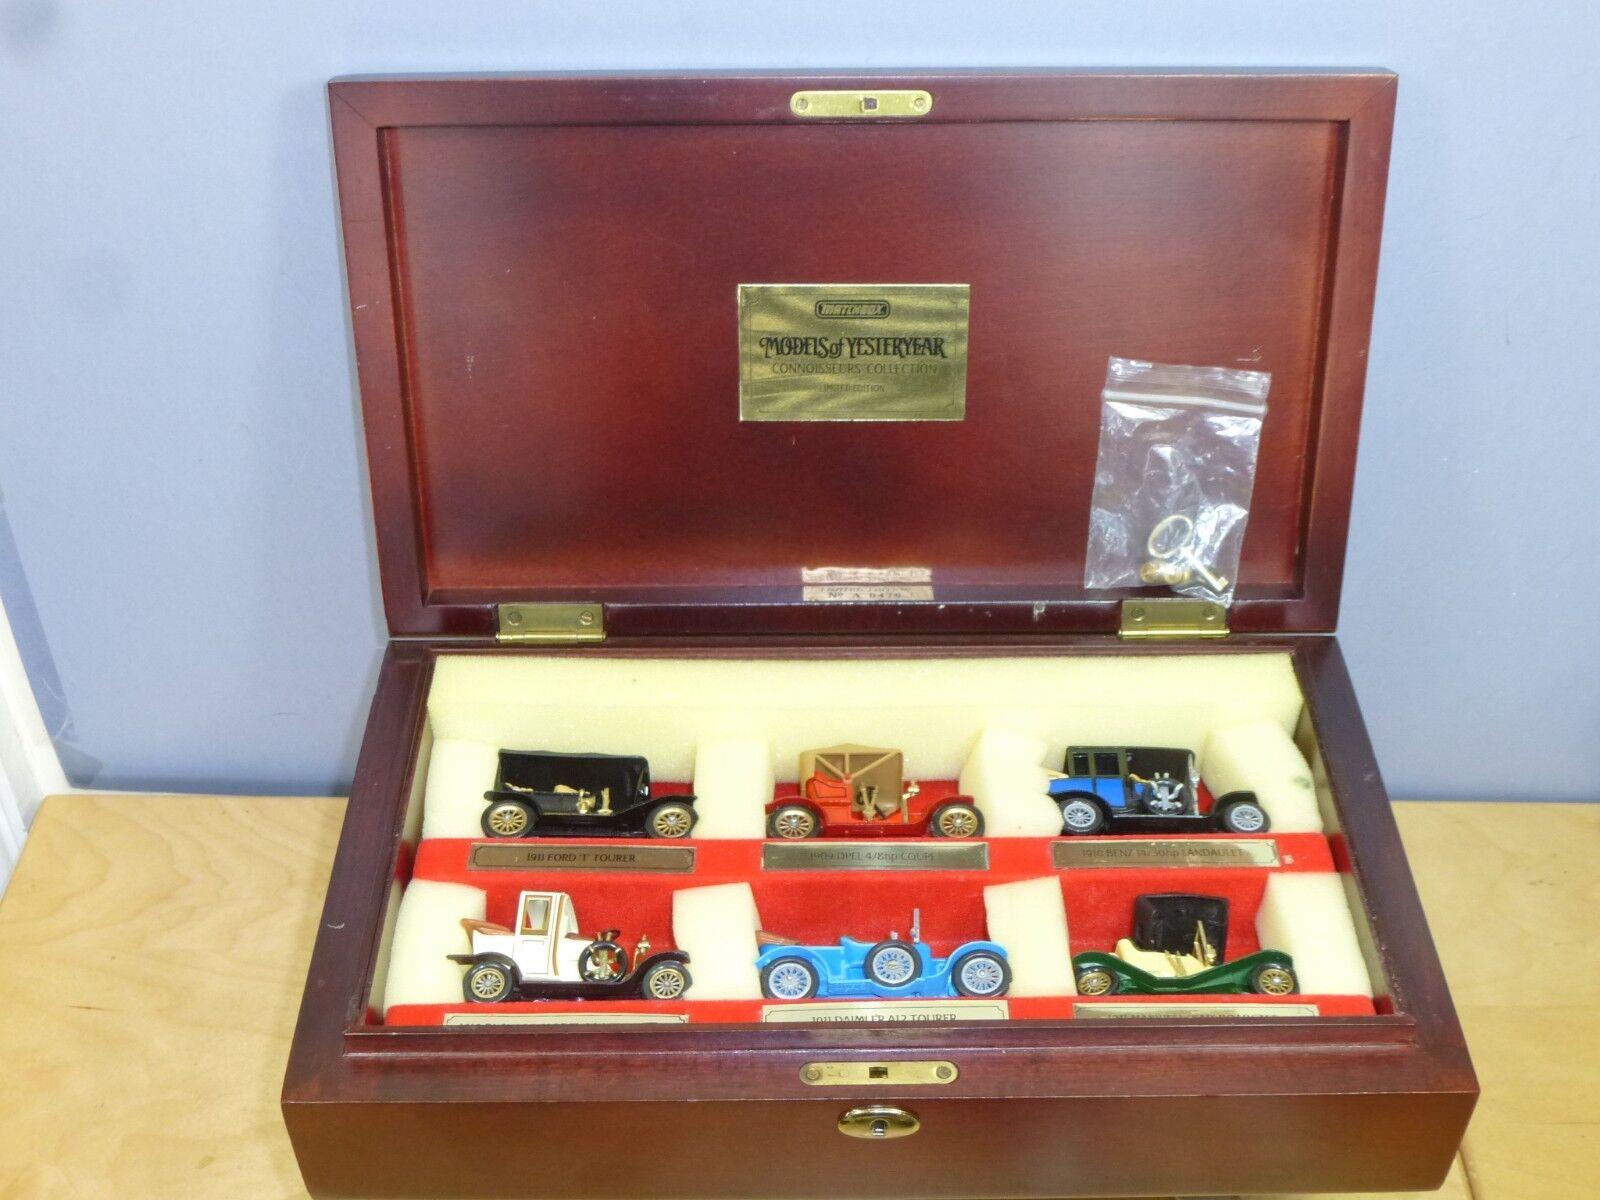 Matchbox Model  célèbres voitures d'antan  en représentation, boîte en bois VN En parfait état, dans sa boîte